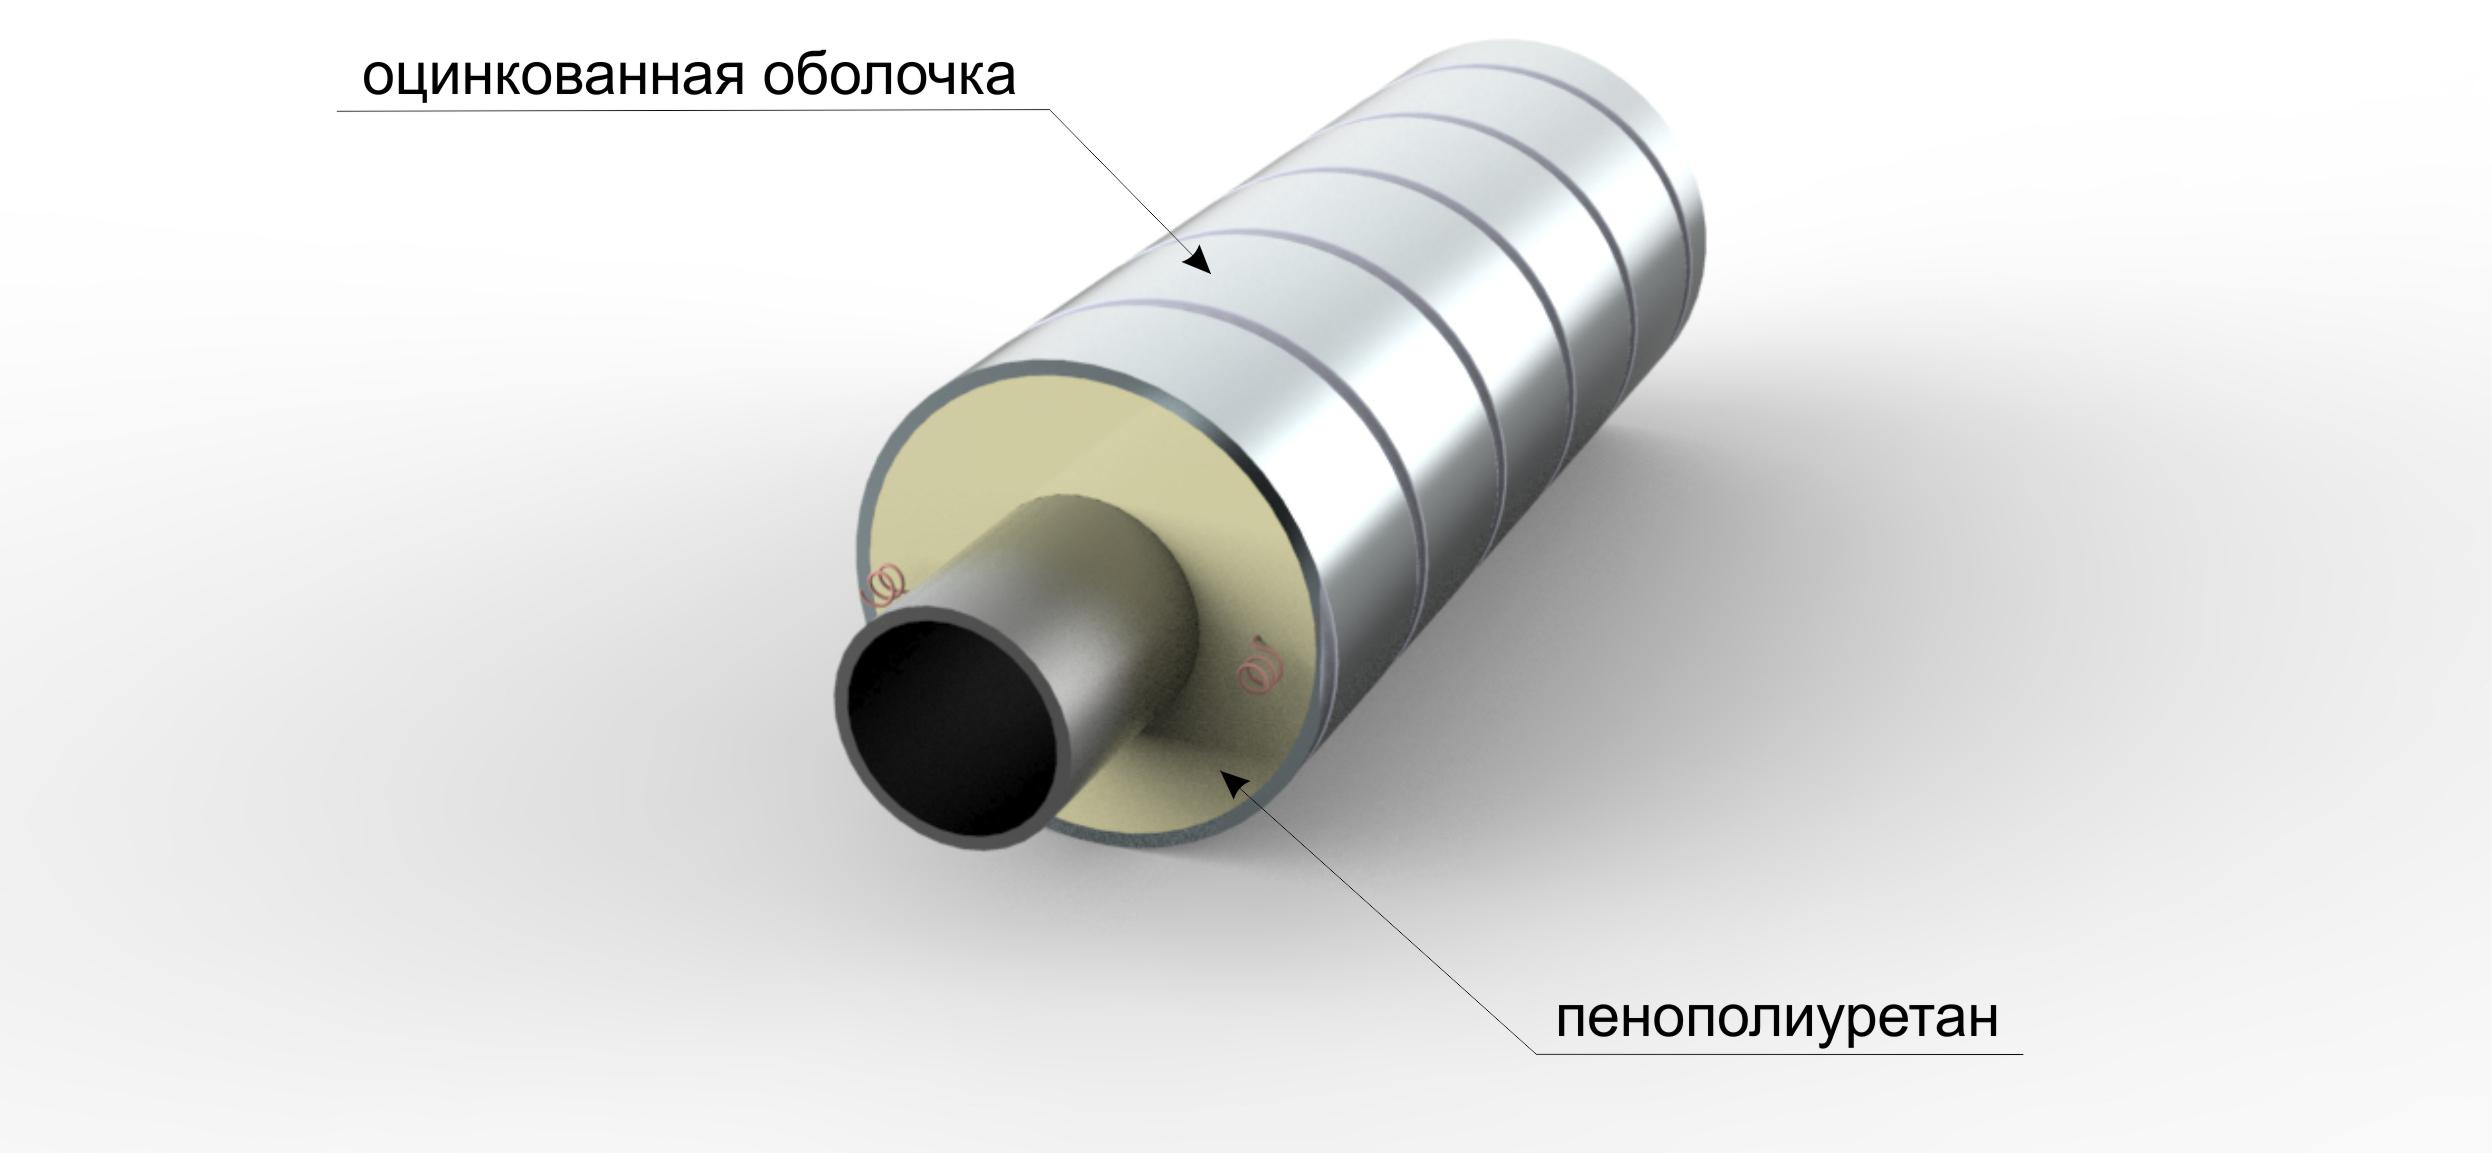 Изоляция трубопроводов защитным покрытием на битумной основе